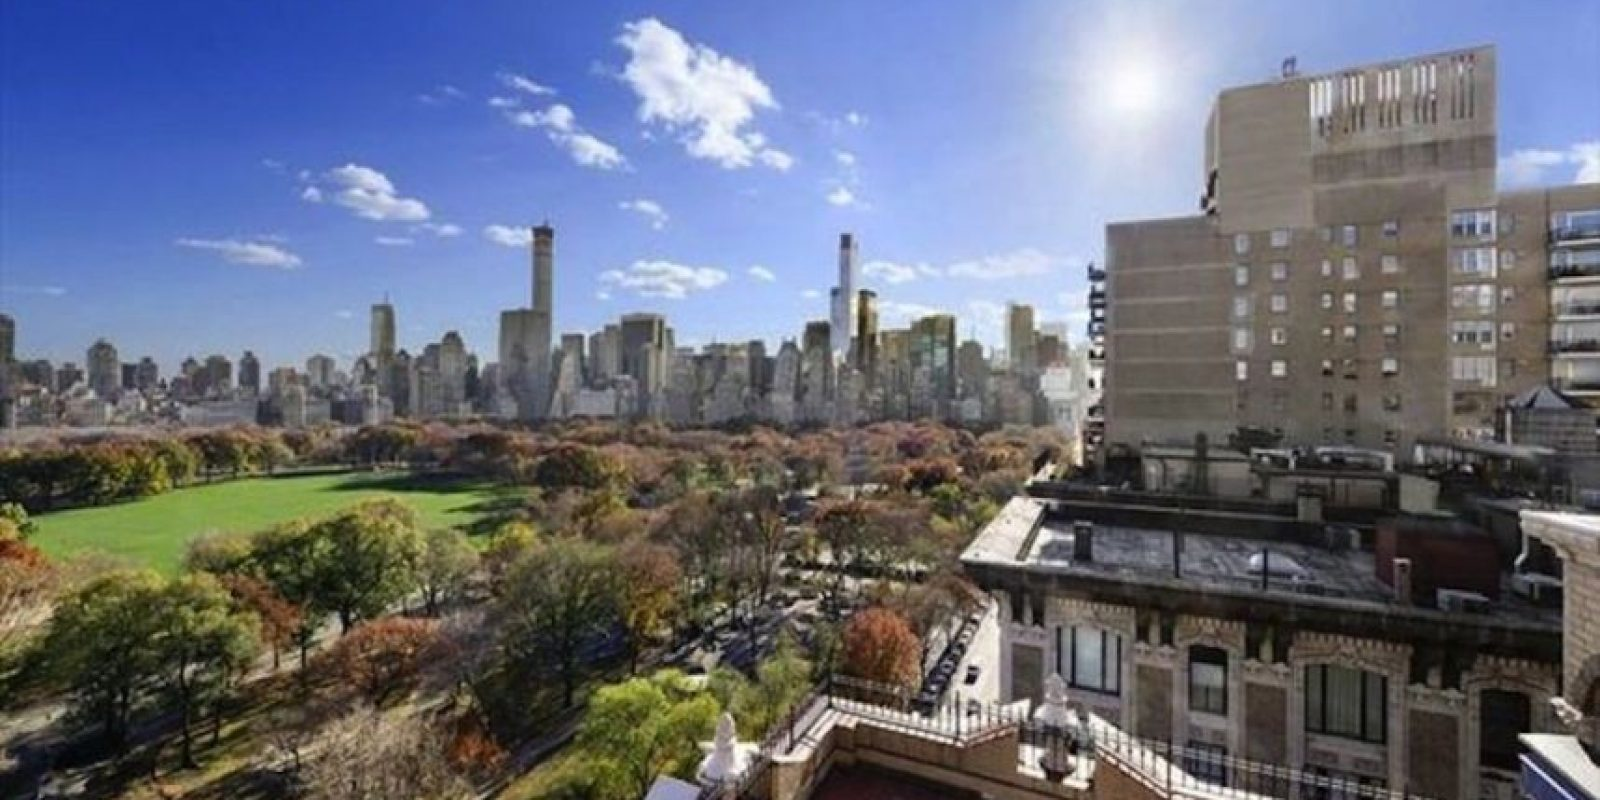 Y la terraza. Foto:corcoran.com